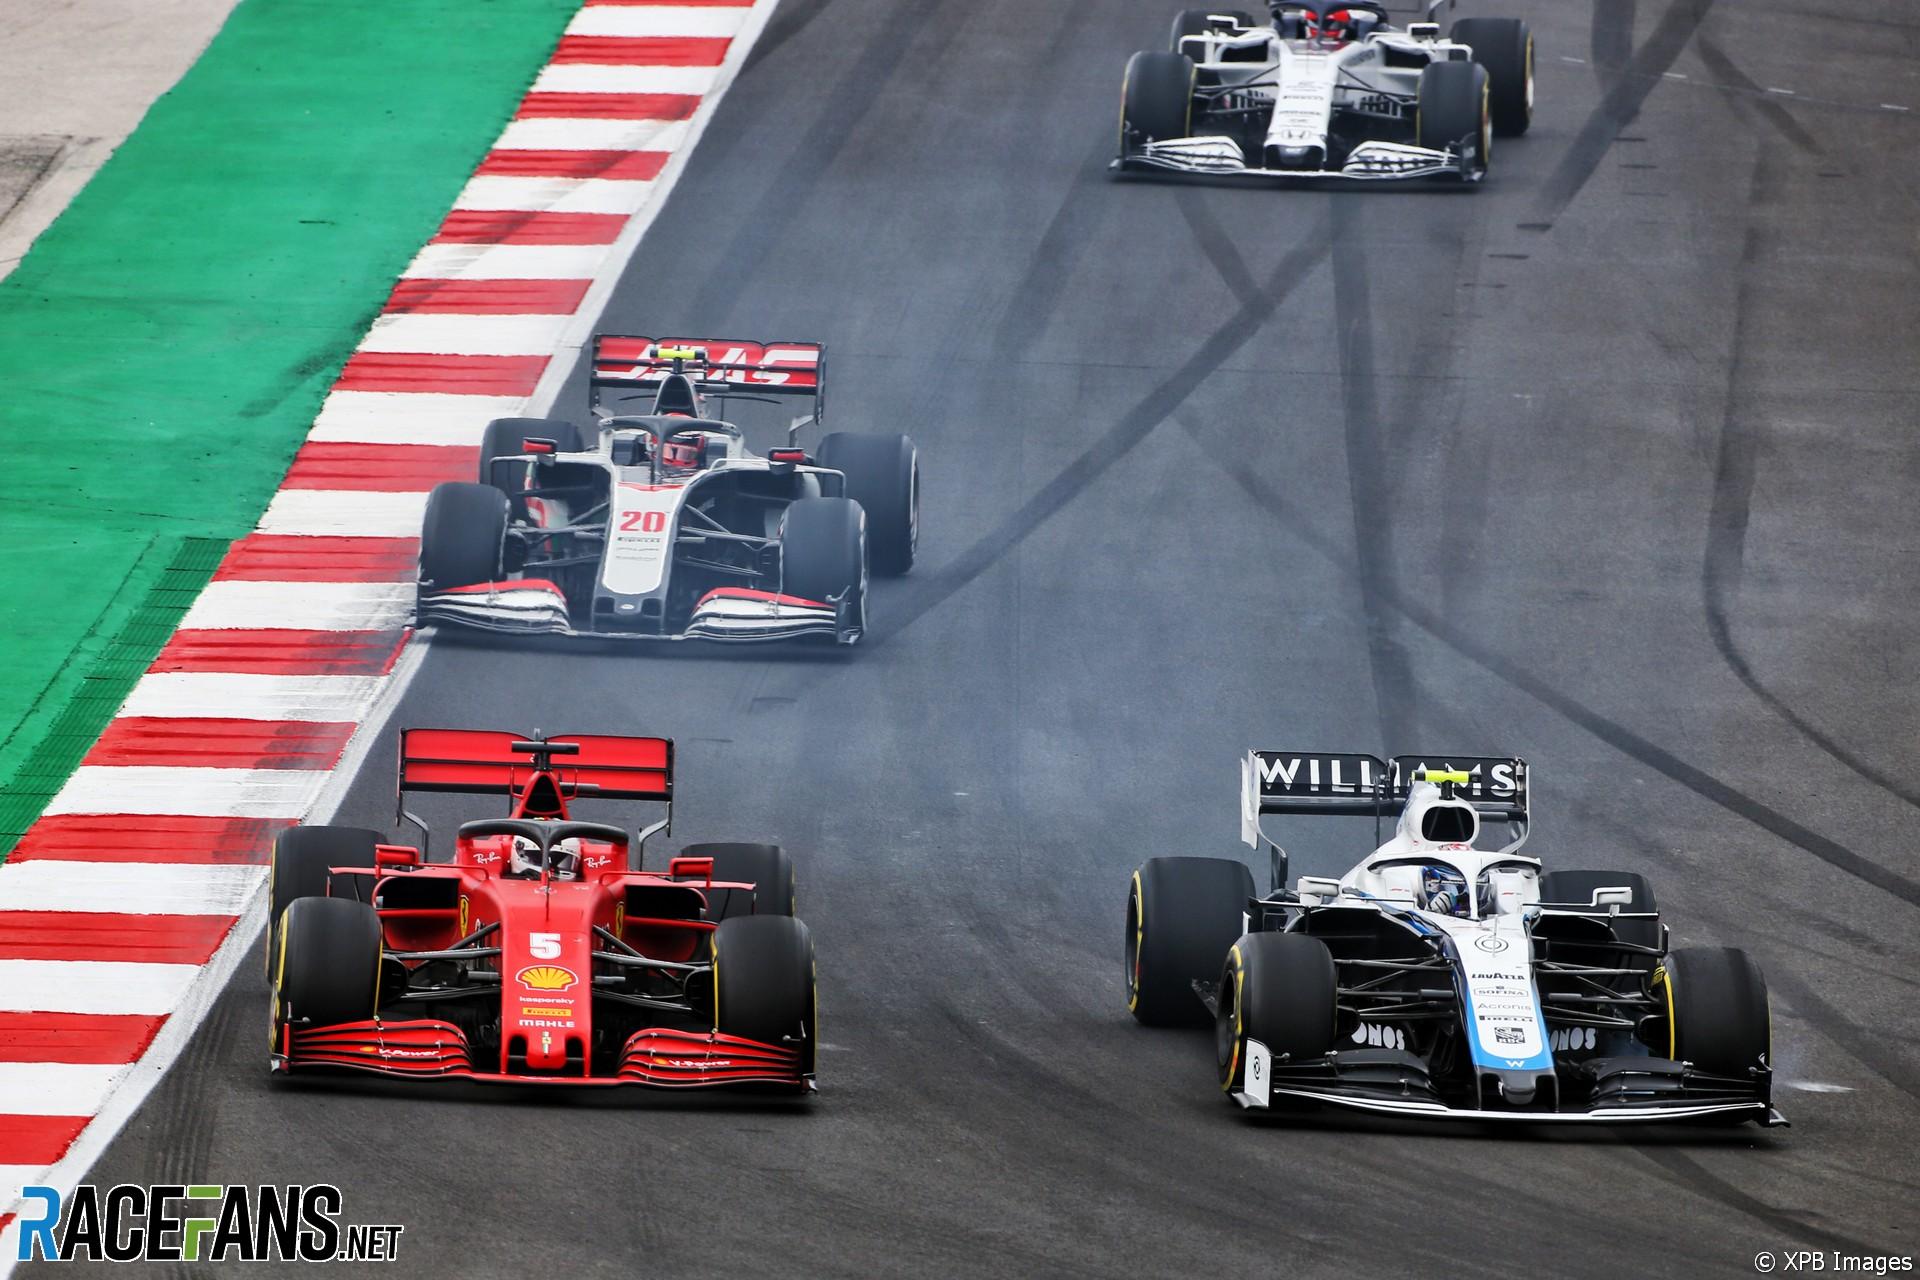 Sebastian Vettel, Nicholas Latifi, Autodromo do Algarve, 2020